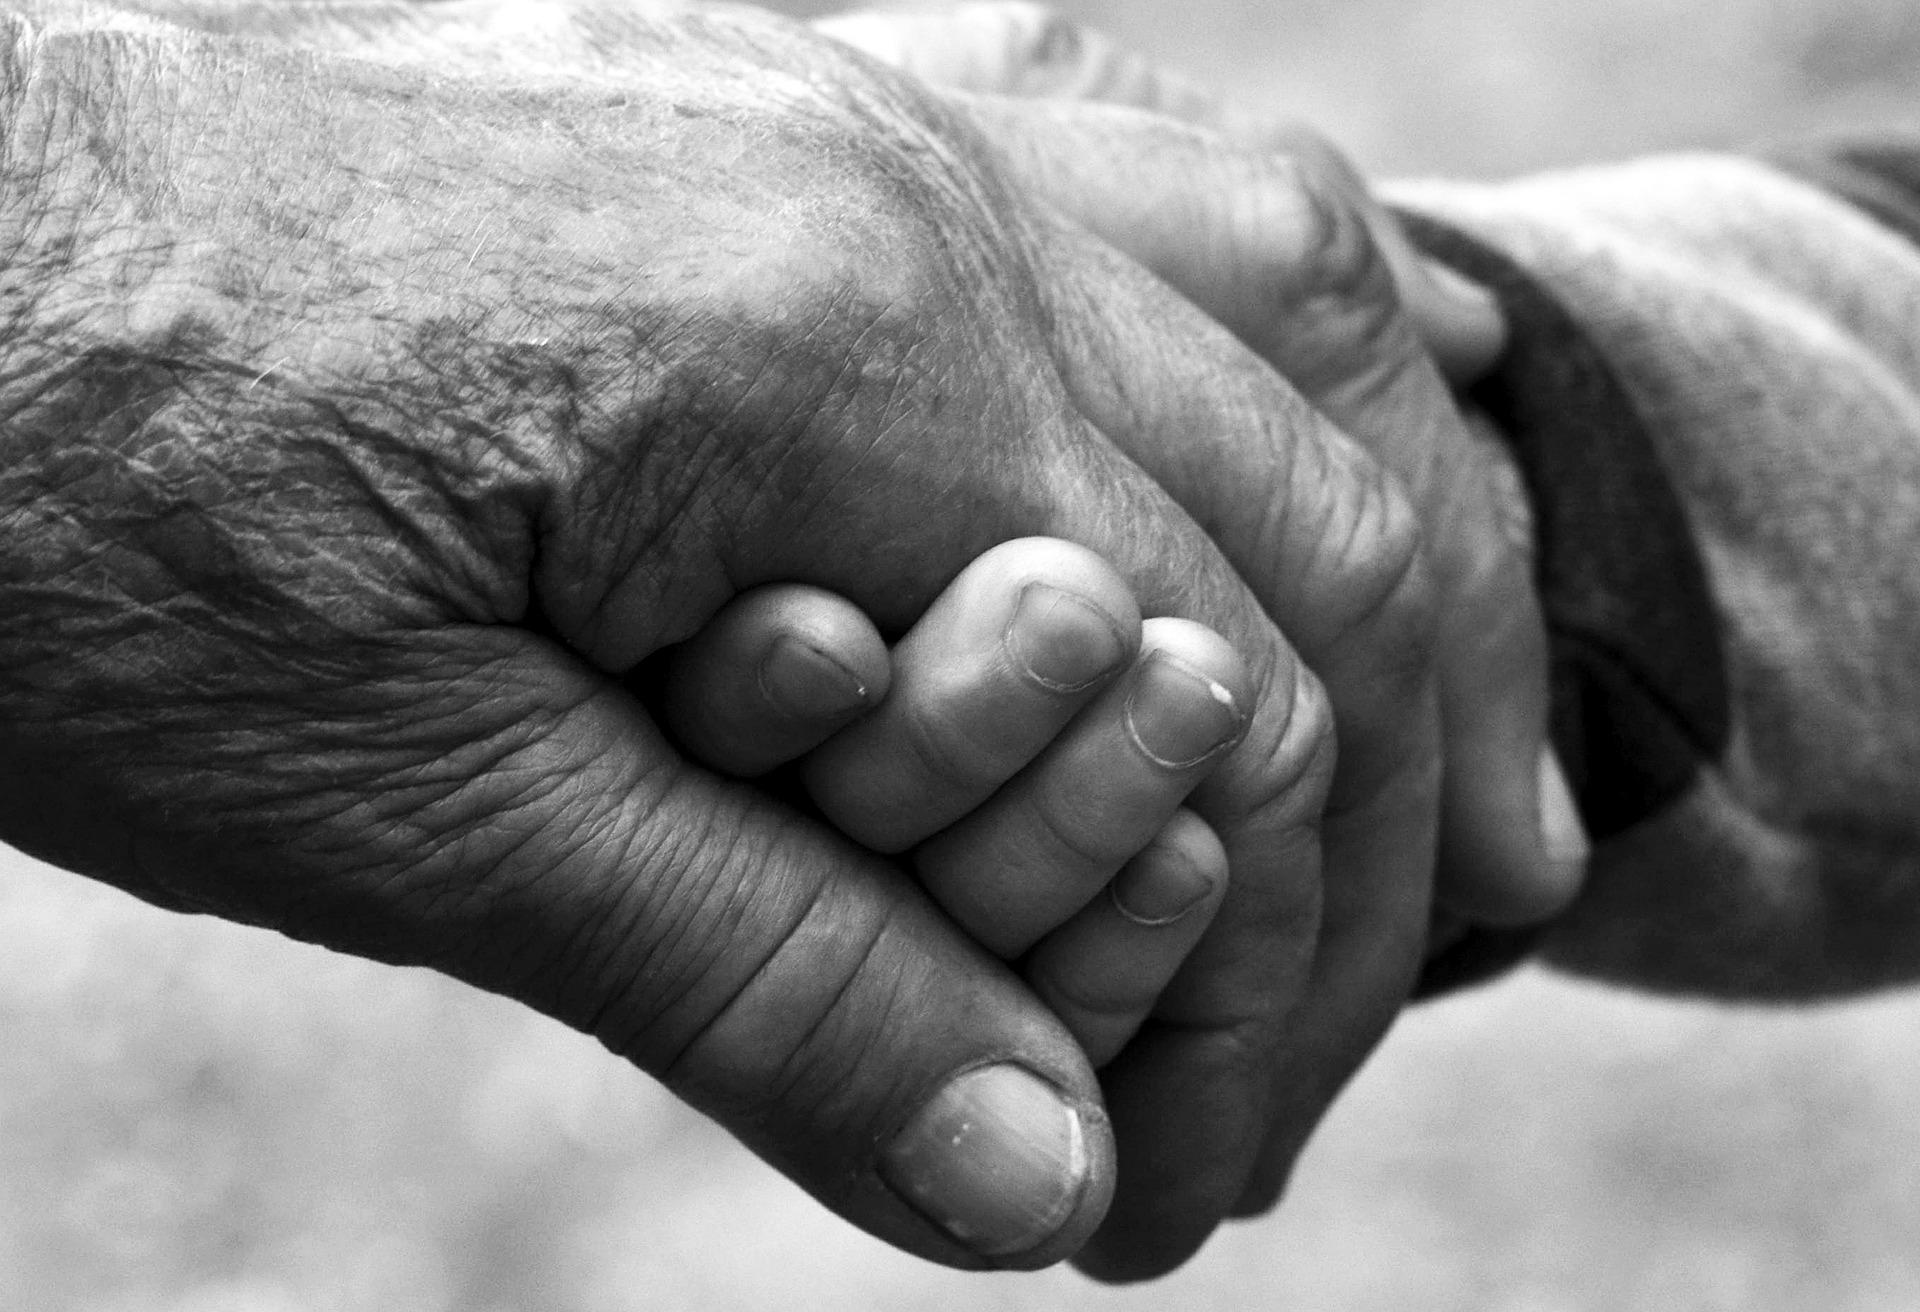 ¿Qué es la artrosis? | Clínica fisioterapia Miguel Peña